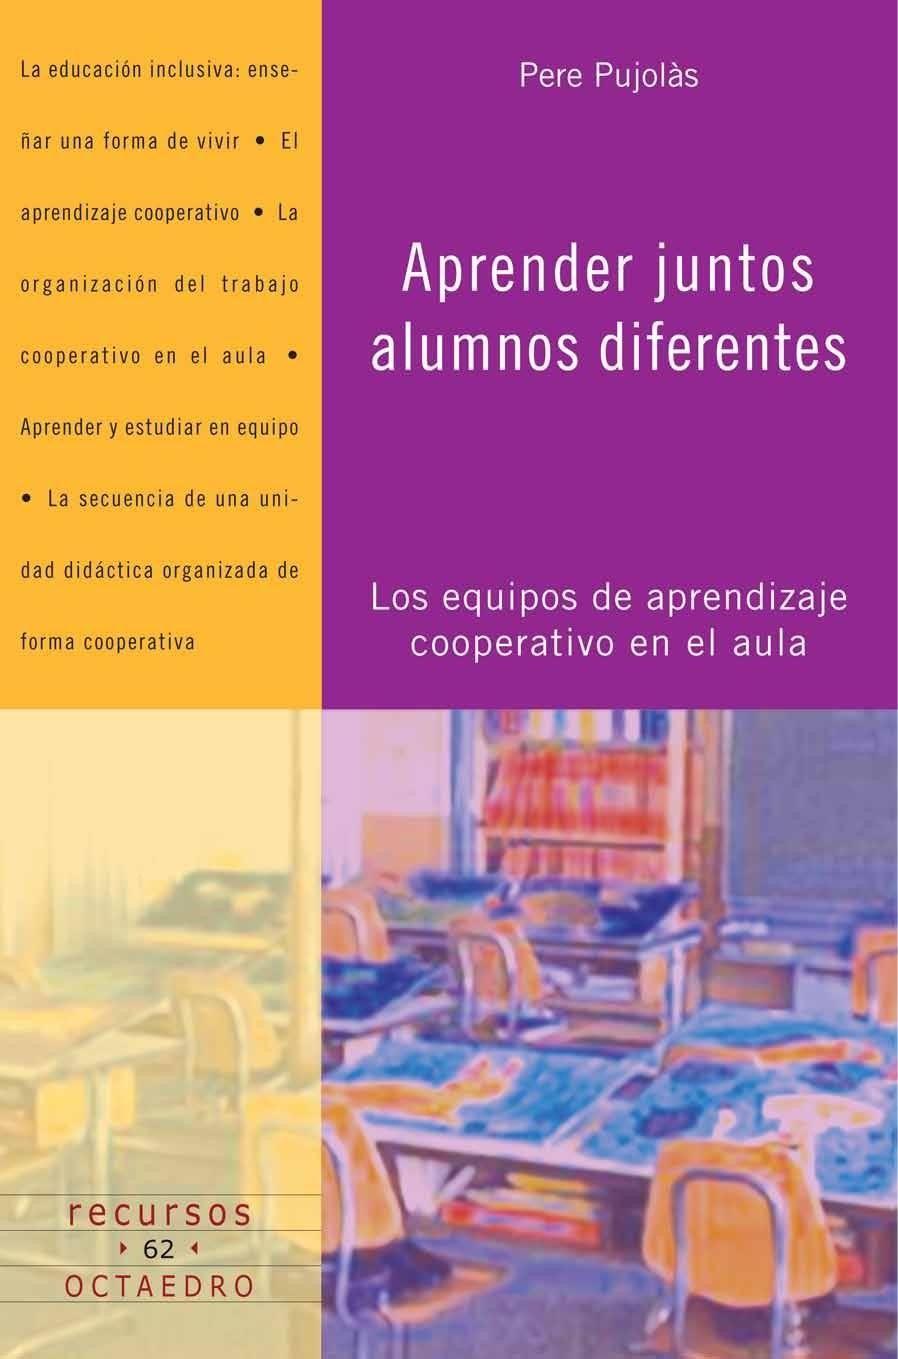 Cómo Organizar Equipos De Aprendizaje Cooperativo En El Aula Pere Pujolàs For 7 49 Aprendizaje Cooperativo Aprendizaje Educación Inclusiva